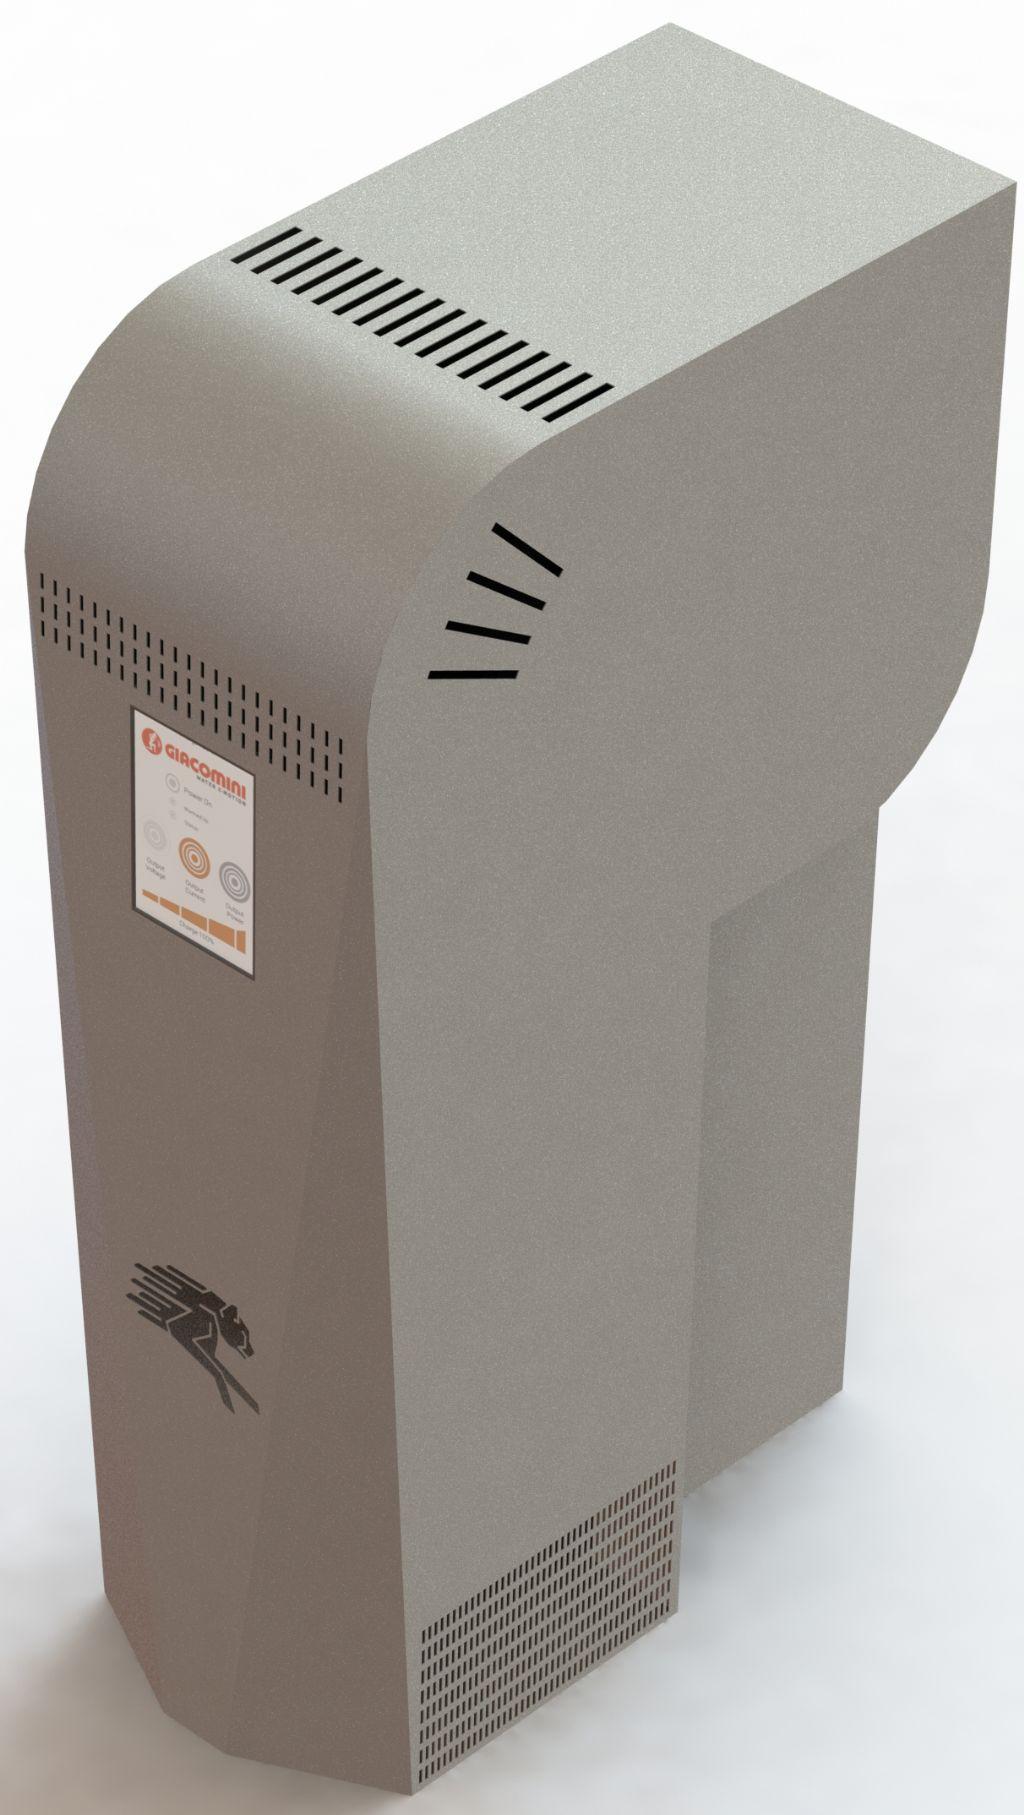 De Powerbox is een omkeerbare fuel cell die zonne-energie omzet naar waterstof in gasvorm.